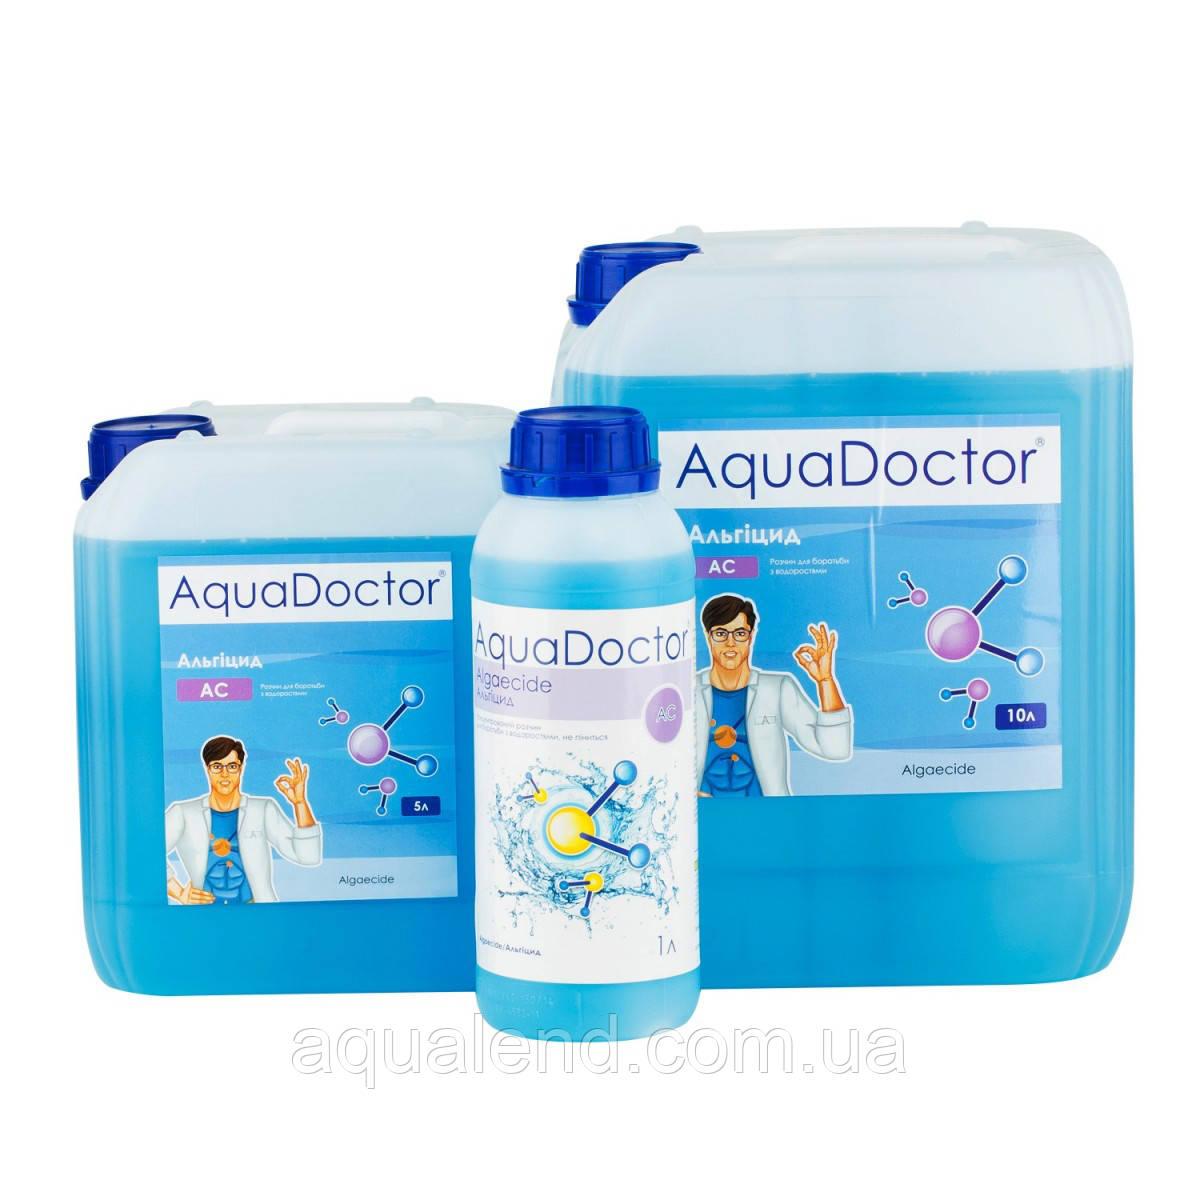 АС - засіб проти водоростей, альгіцид, 1л, AquaDoctor